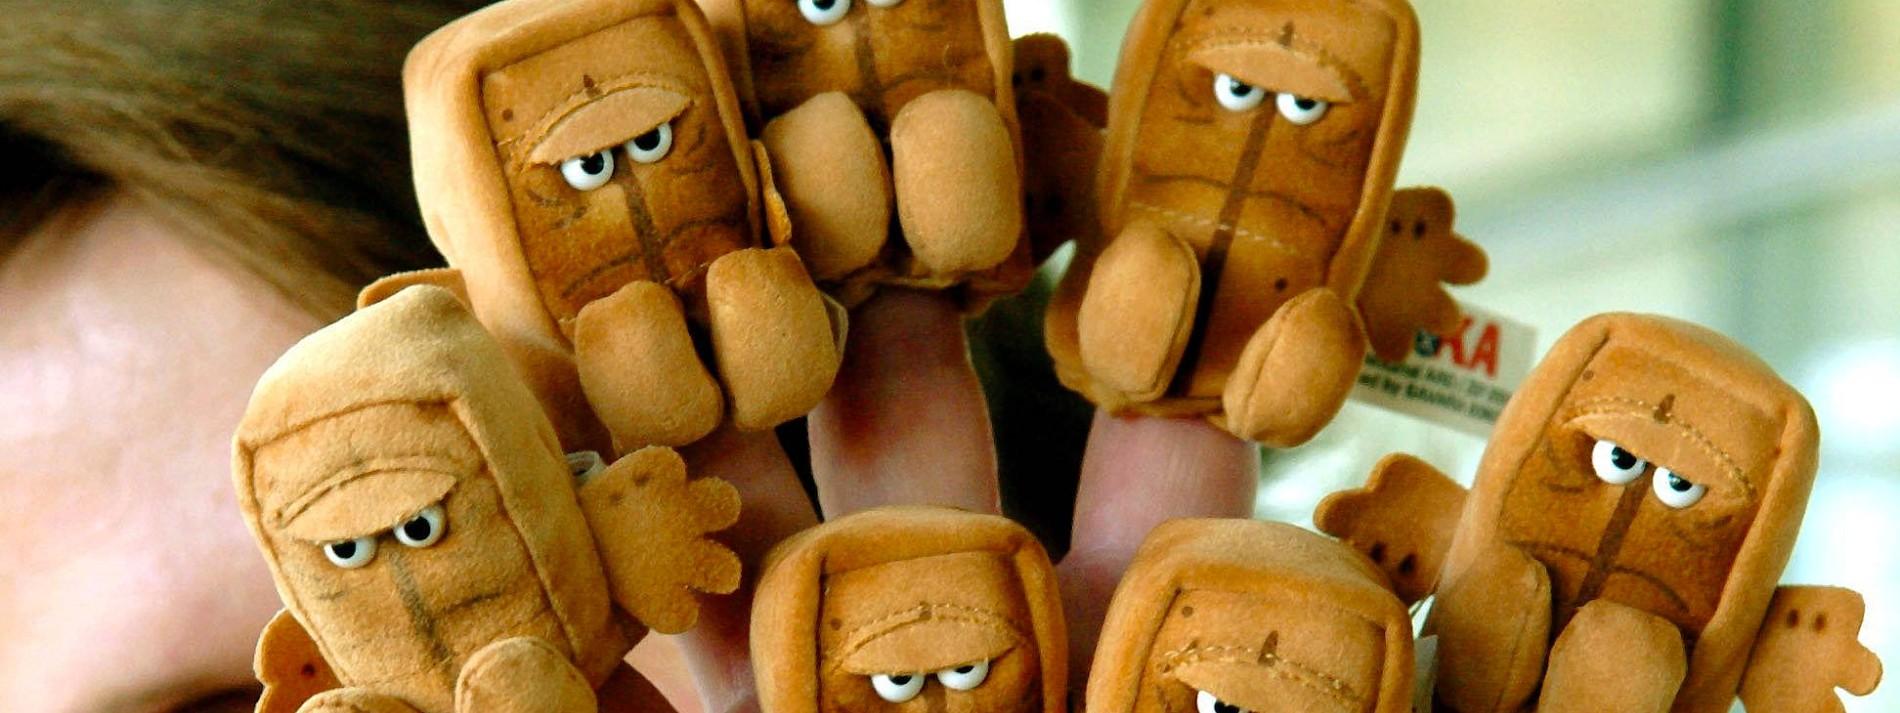 Aktuelle Spielzeug Werbung Kika